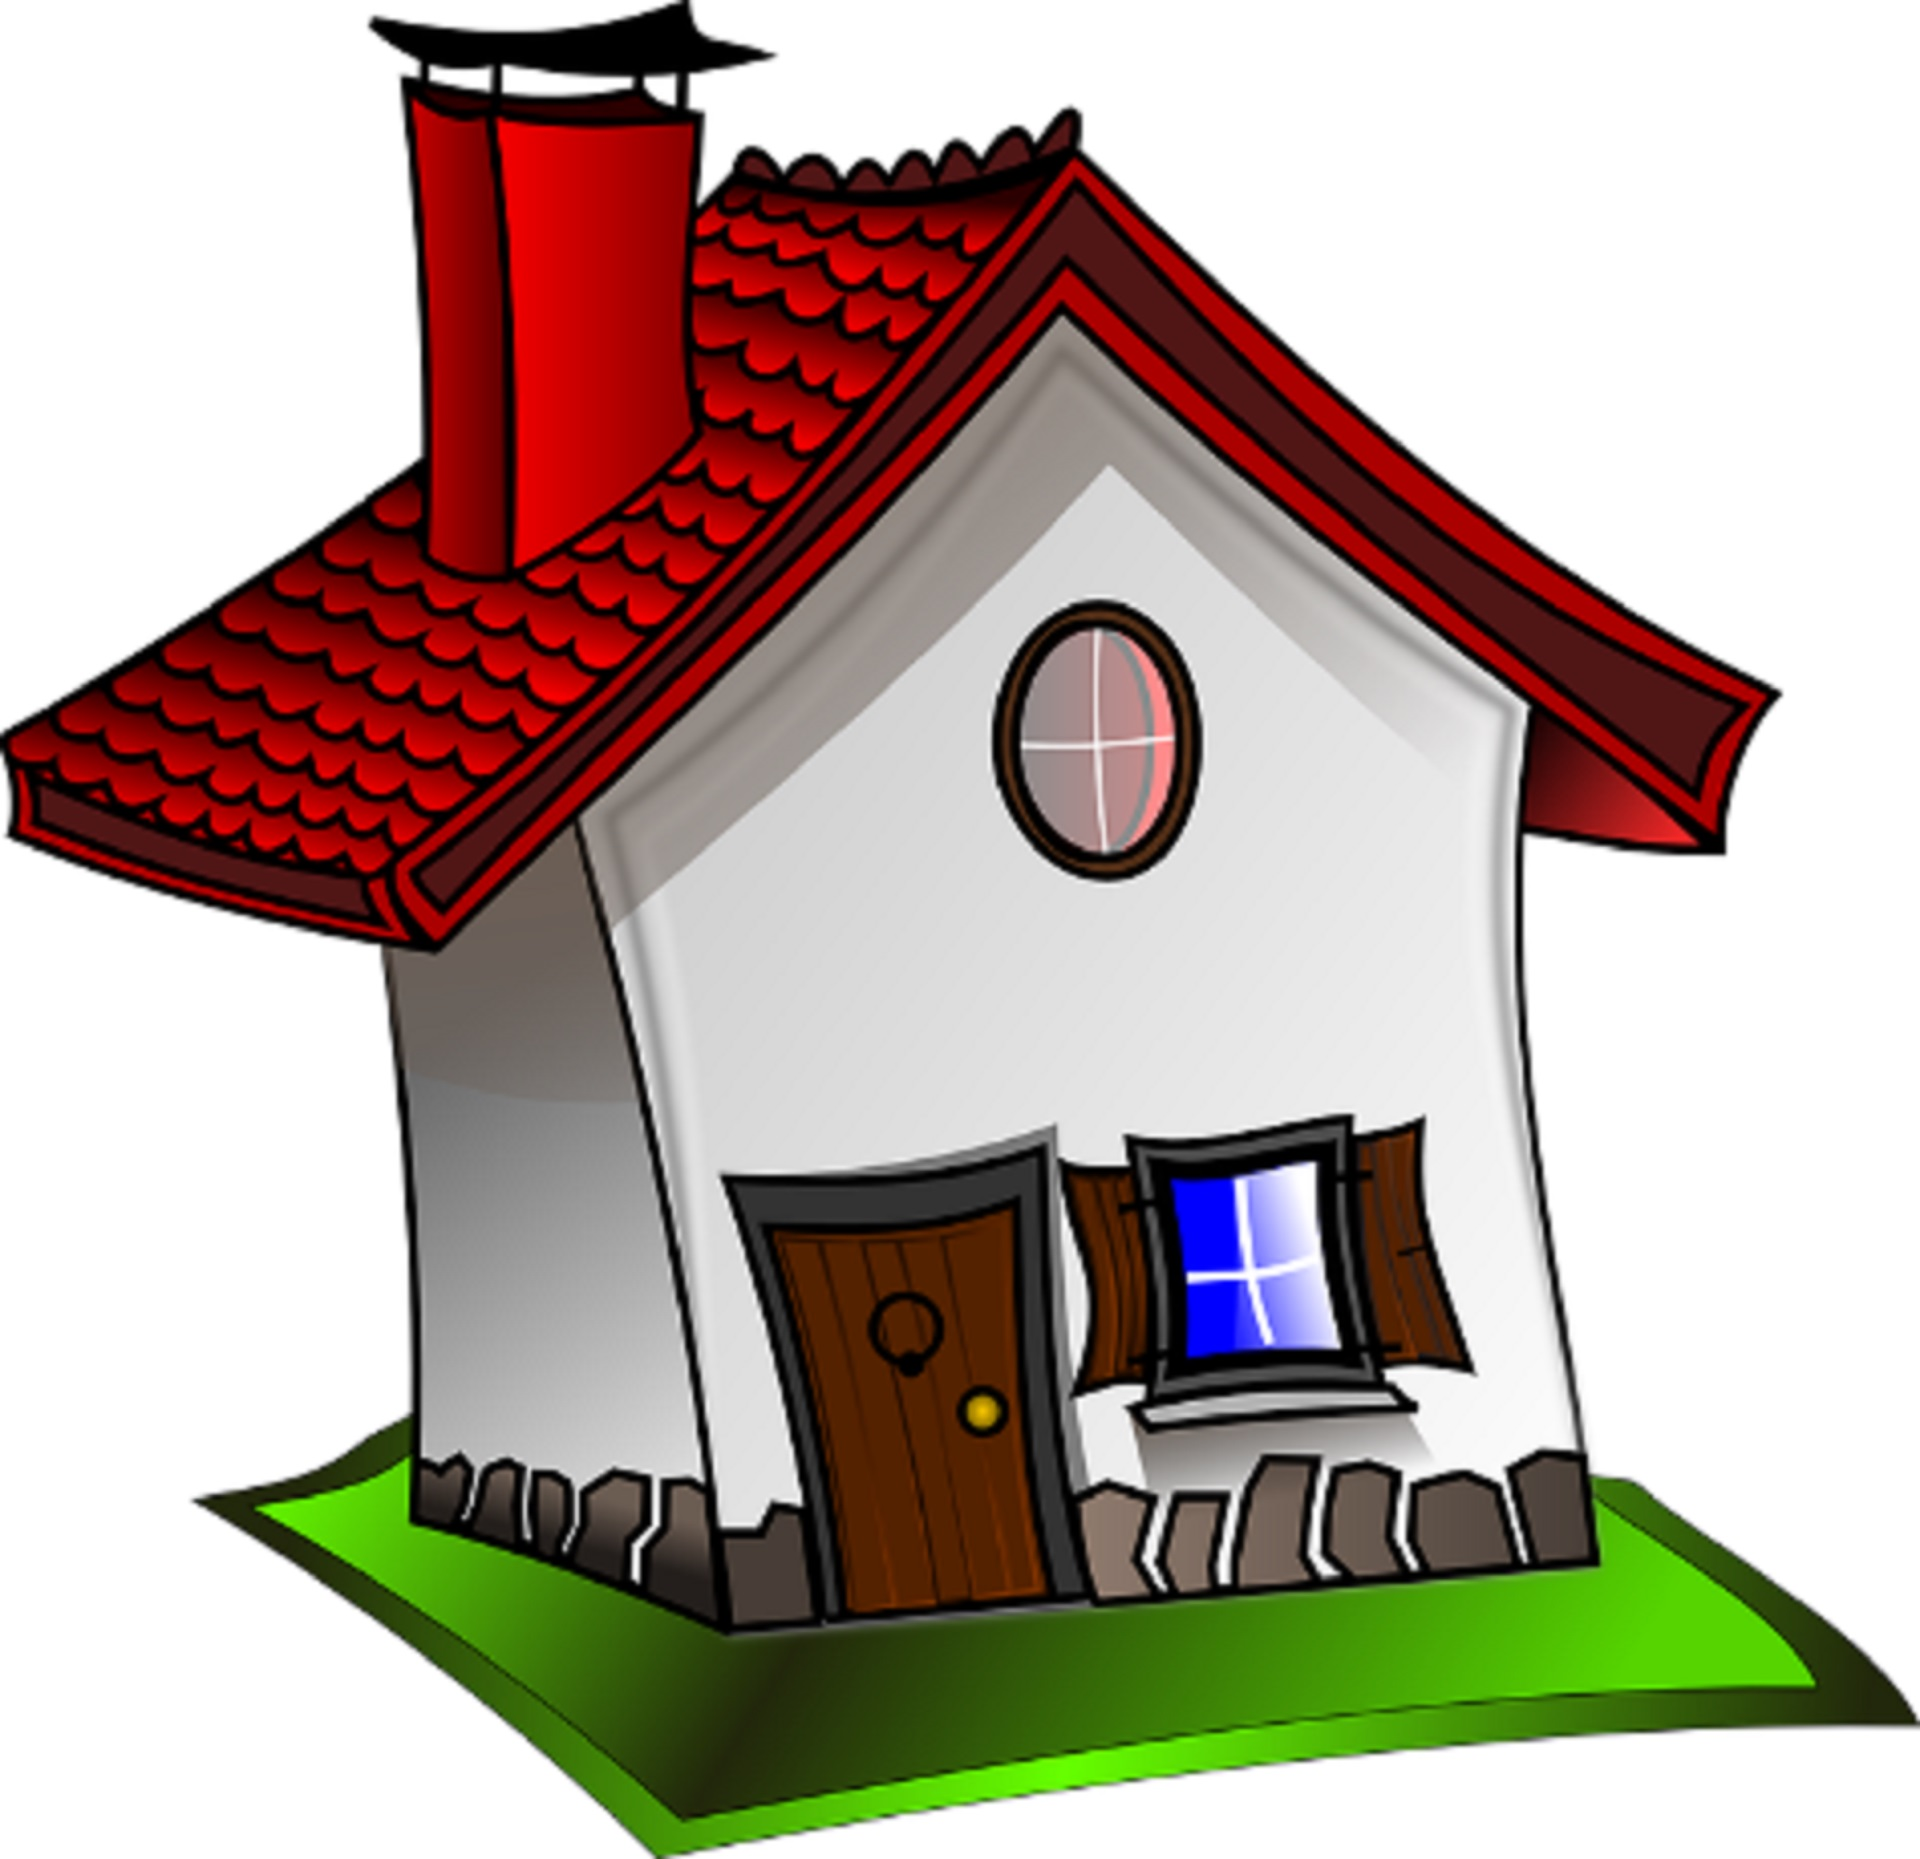 Chci financovat bydlení, jaký produkt mám vybrat?